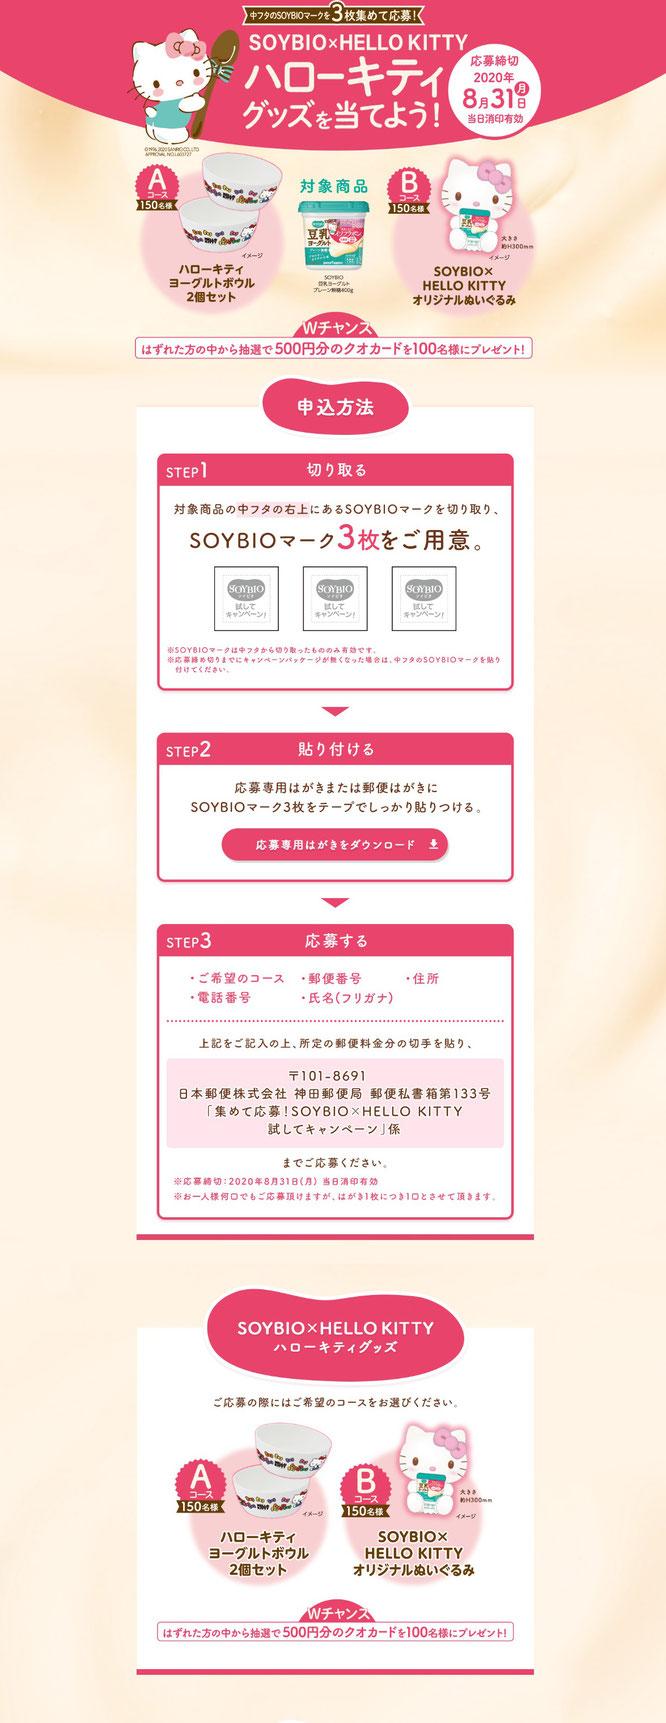 【ポッカサッポロ】SOYBIO ハローキティコラボキャンペーン